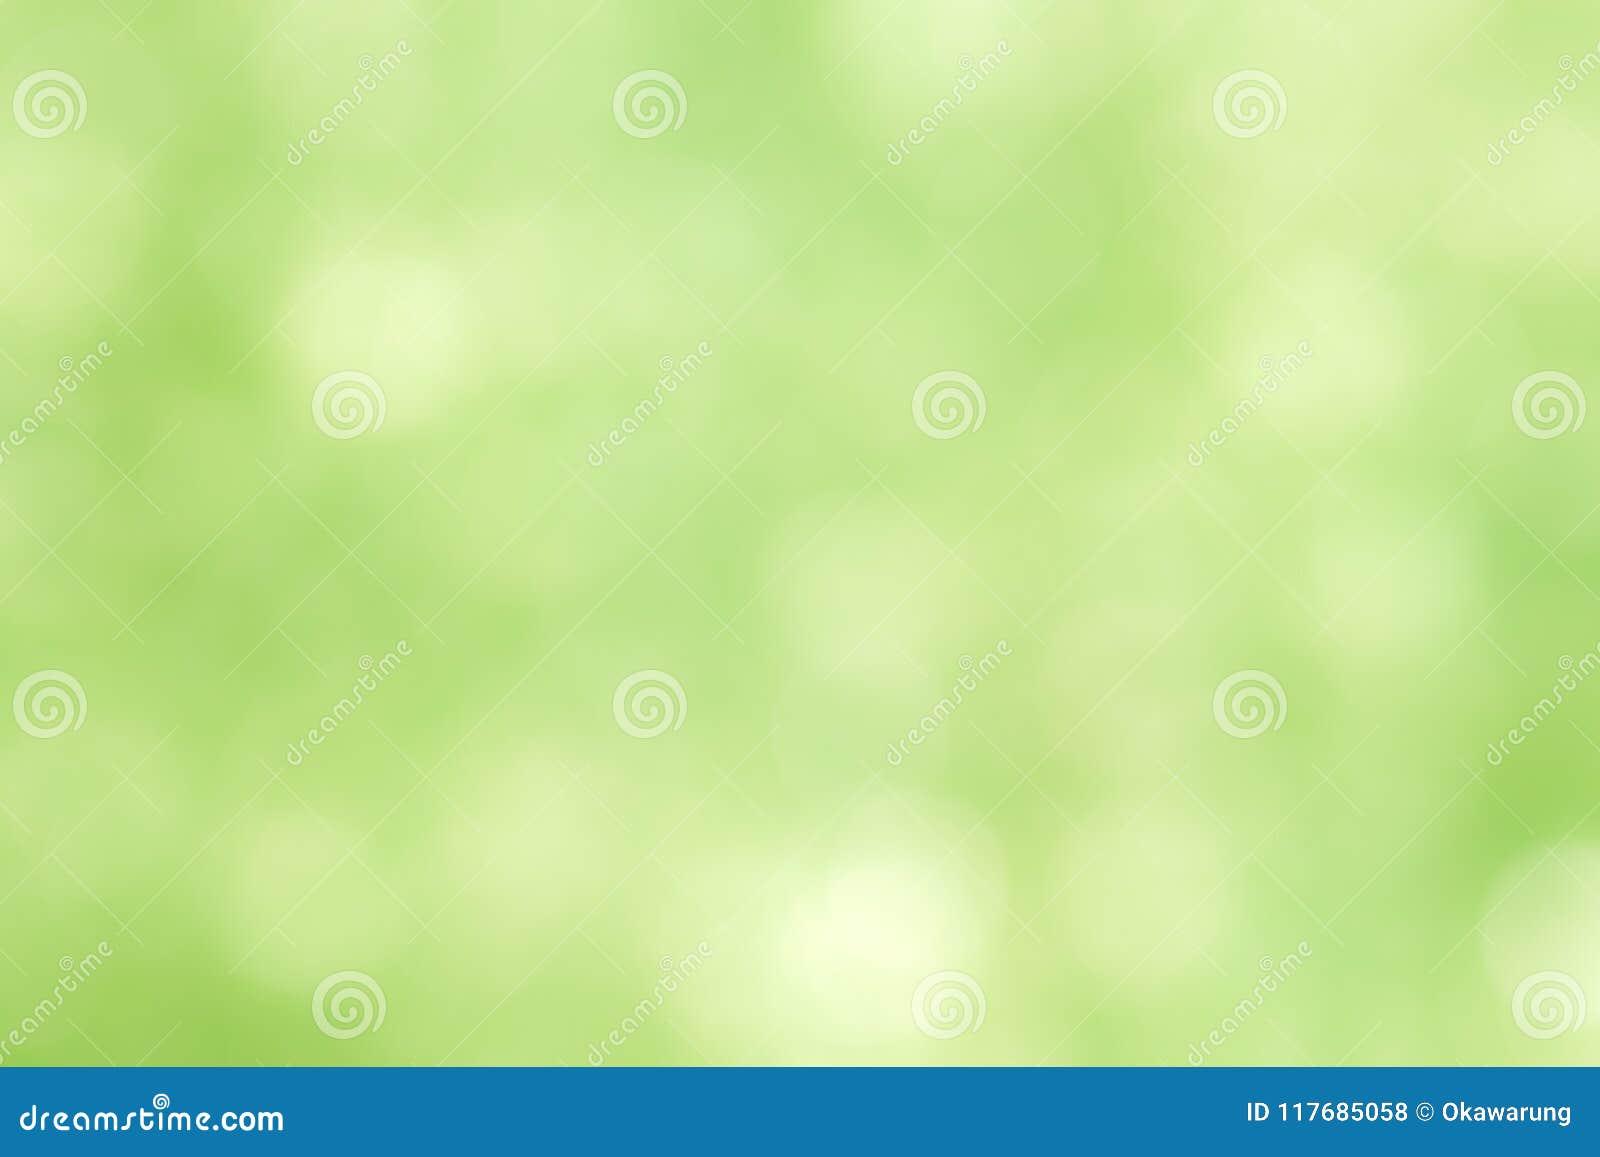 Green bokeh abstract light background/Art colour bokeh light background. Abstract art design for background light texture.